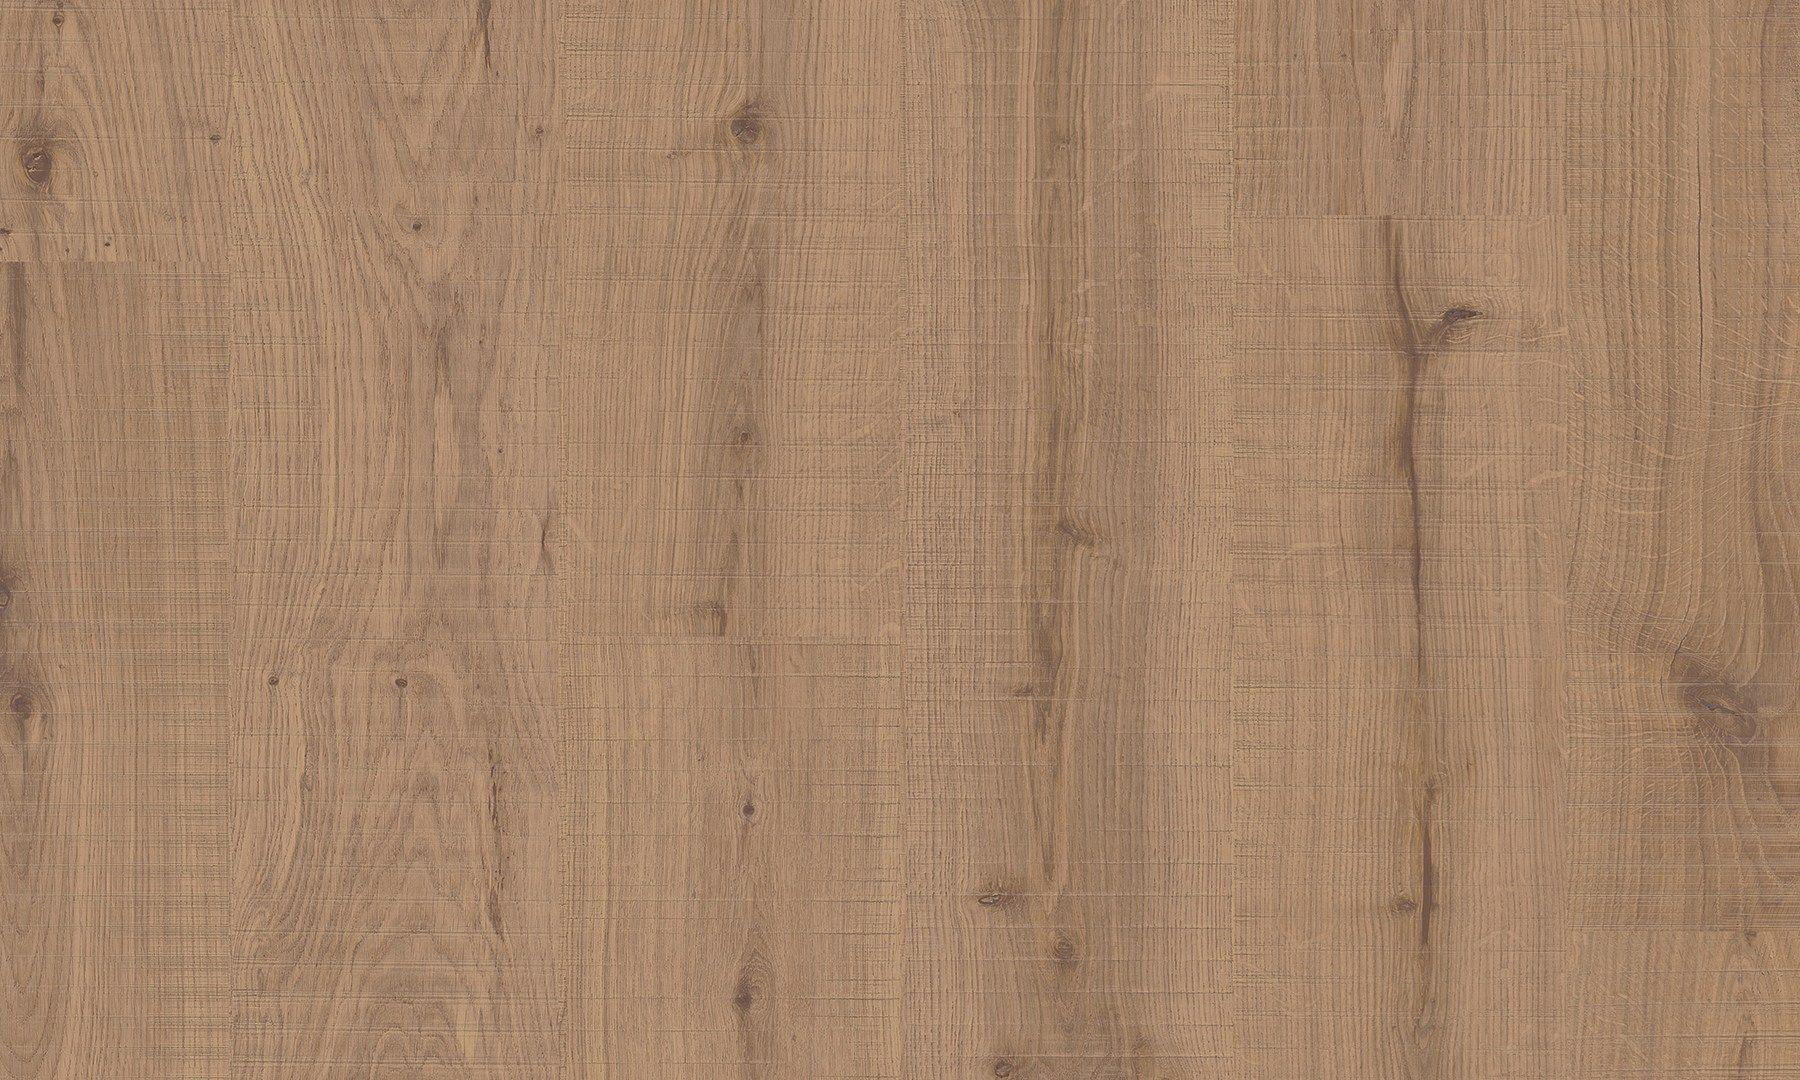 Bodenbelag aus laminat natÜrliche sÄgeschnitt eiche by pergo